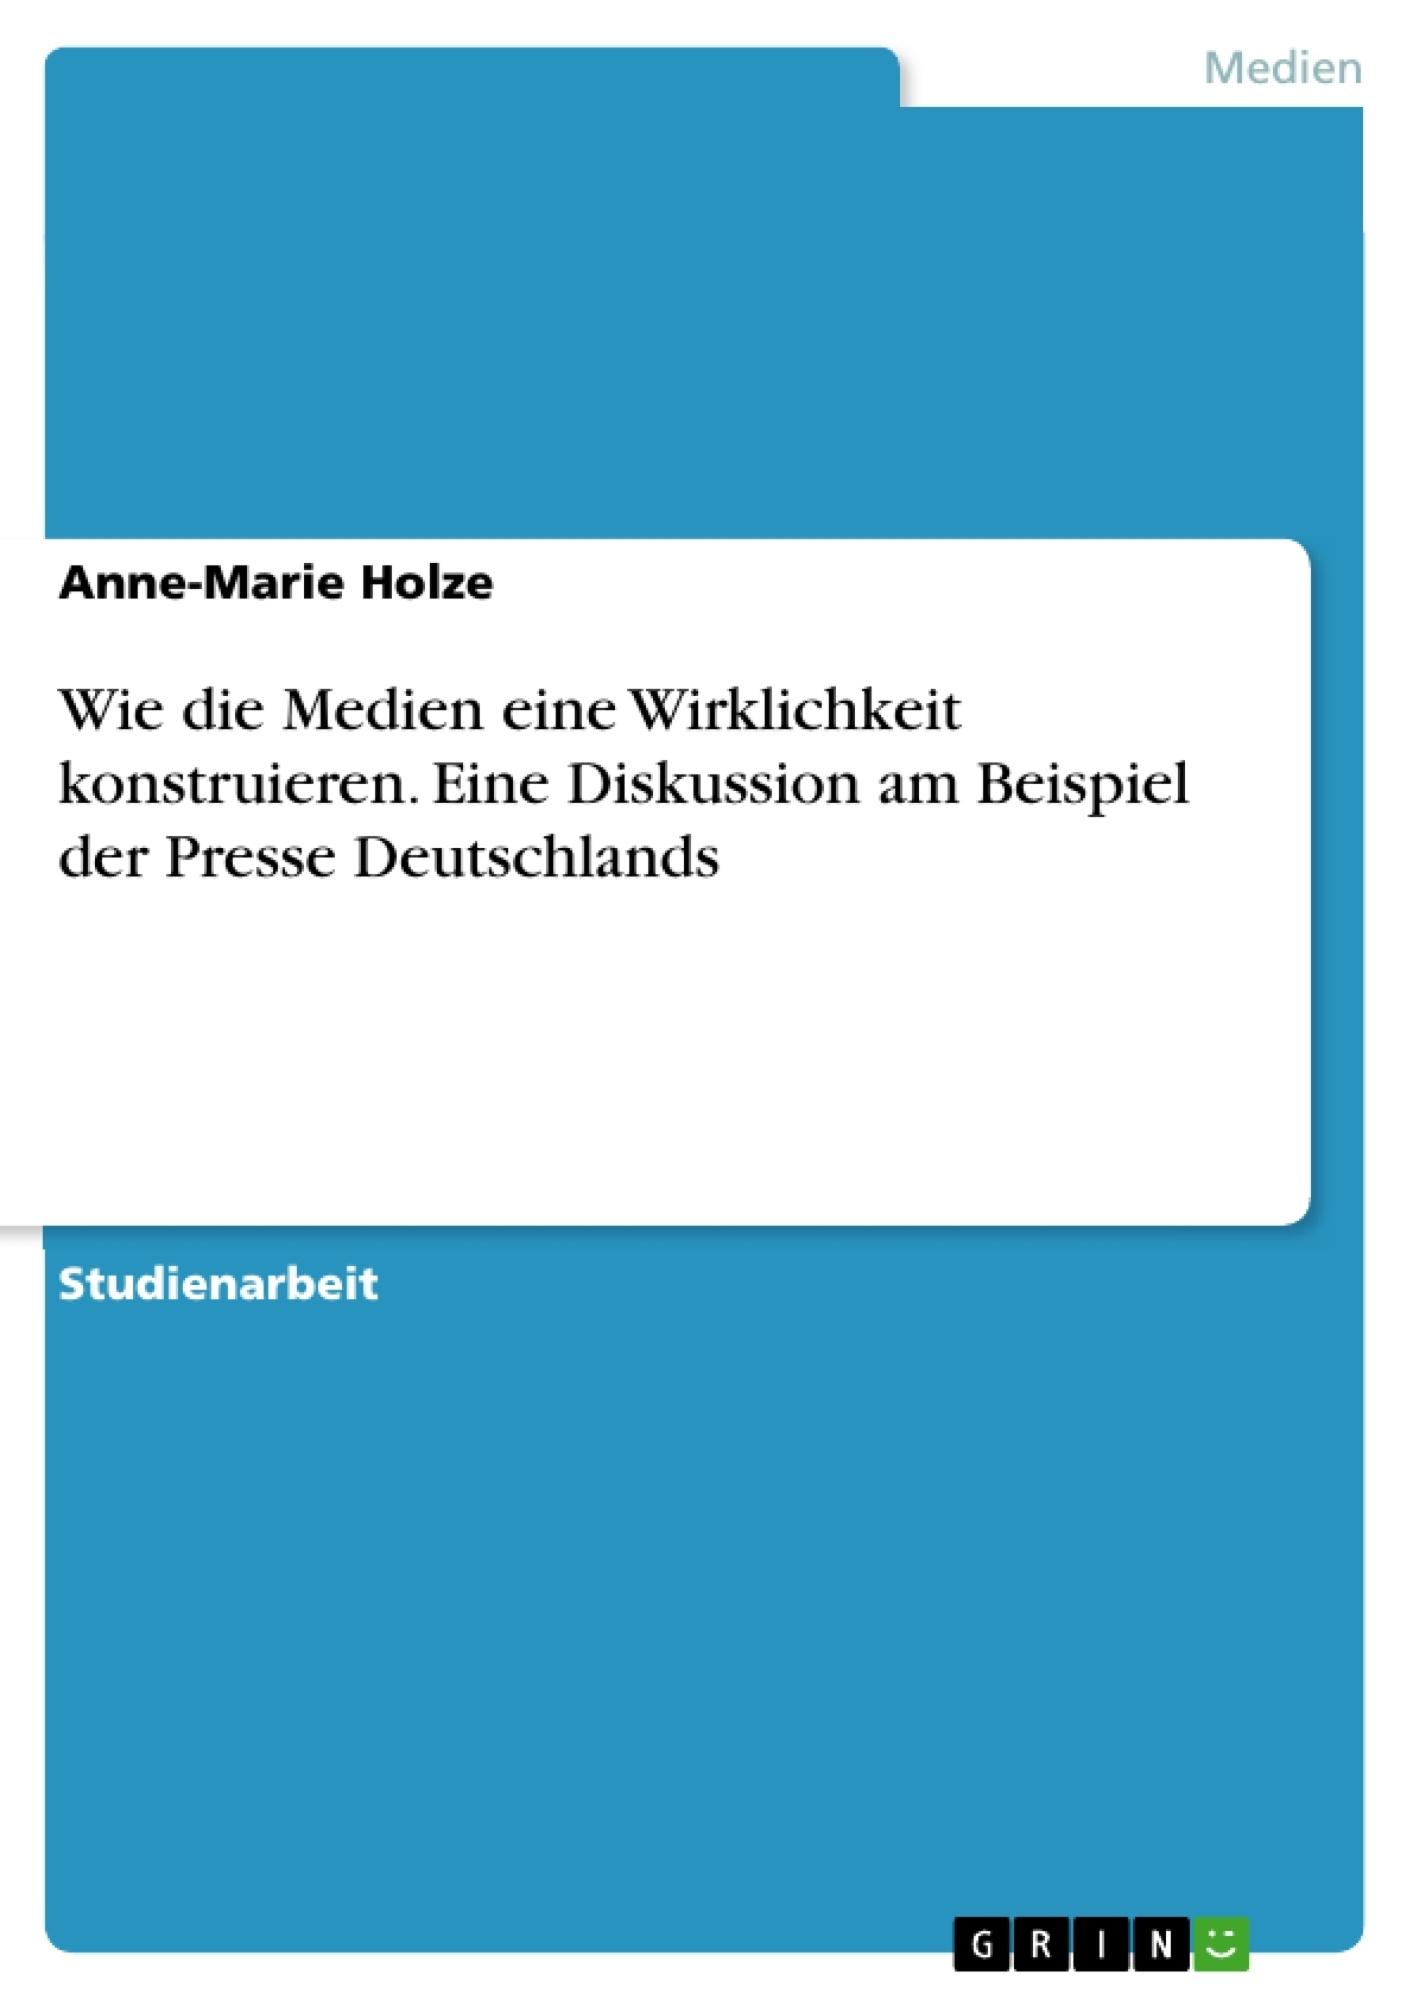 Titel: Wie die Medien eine Wirklichkeit konstruieren. Eine Diskussion am Beispiel der Presse Deutschlands